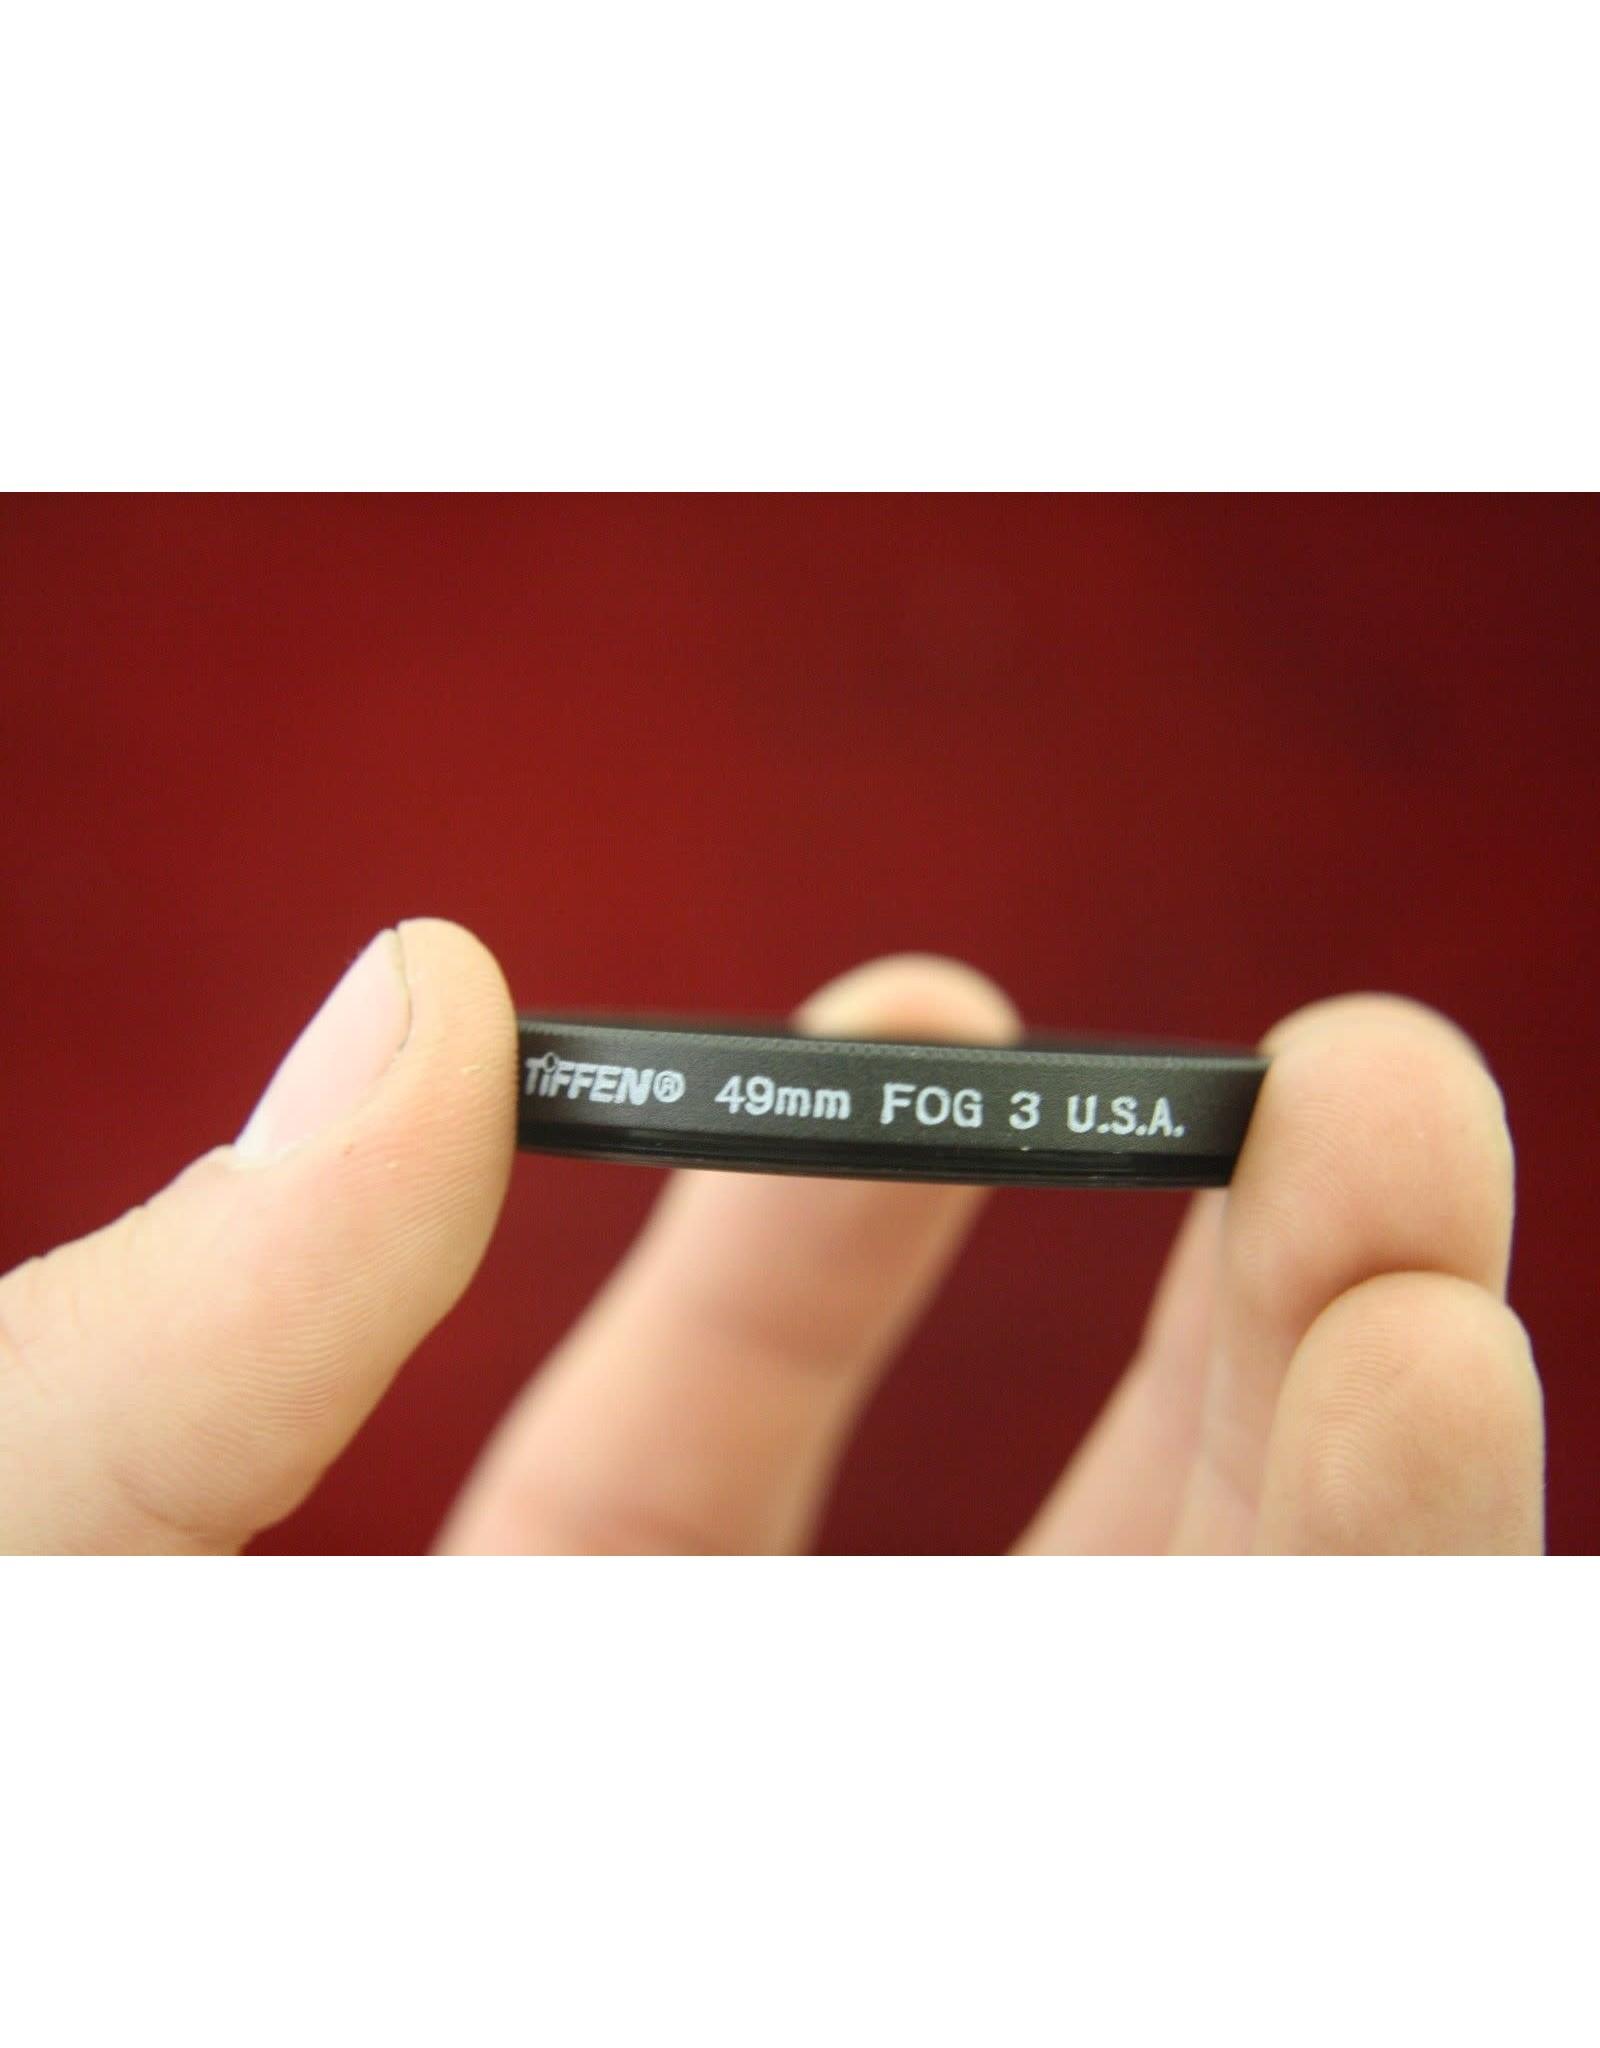 Tiffen 49mm Fog 3